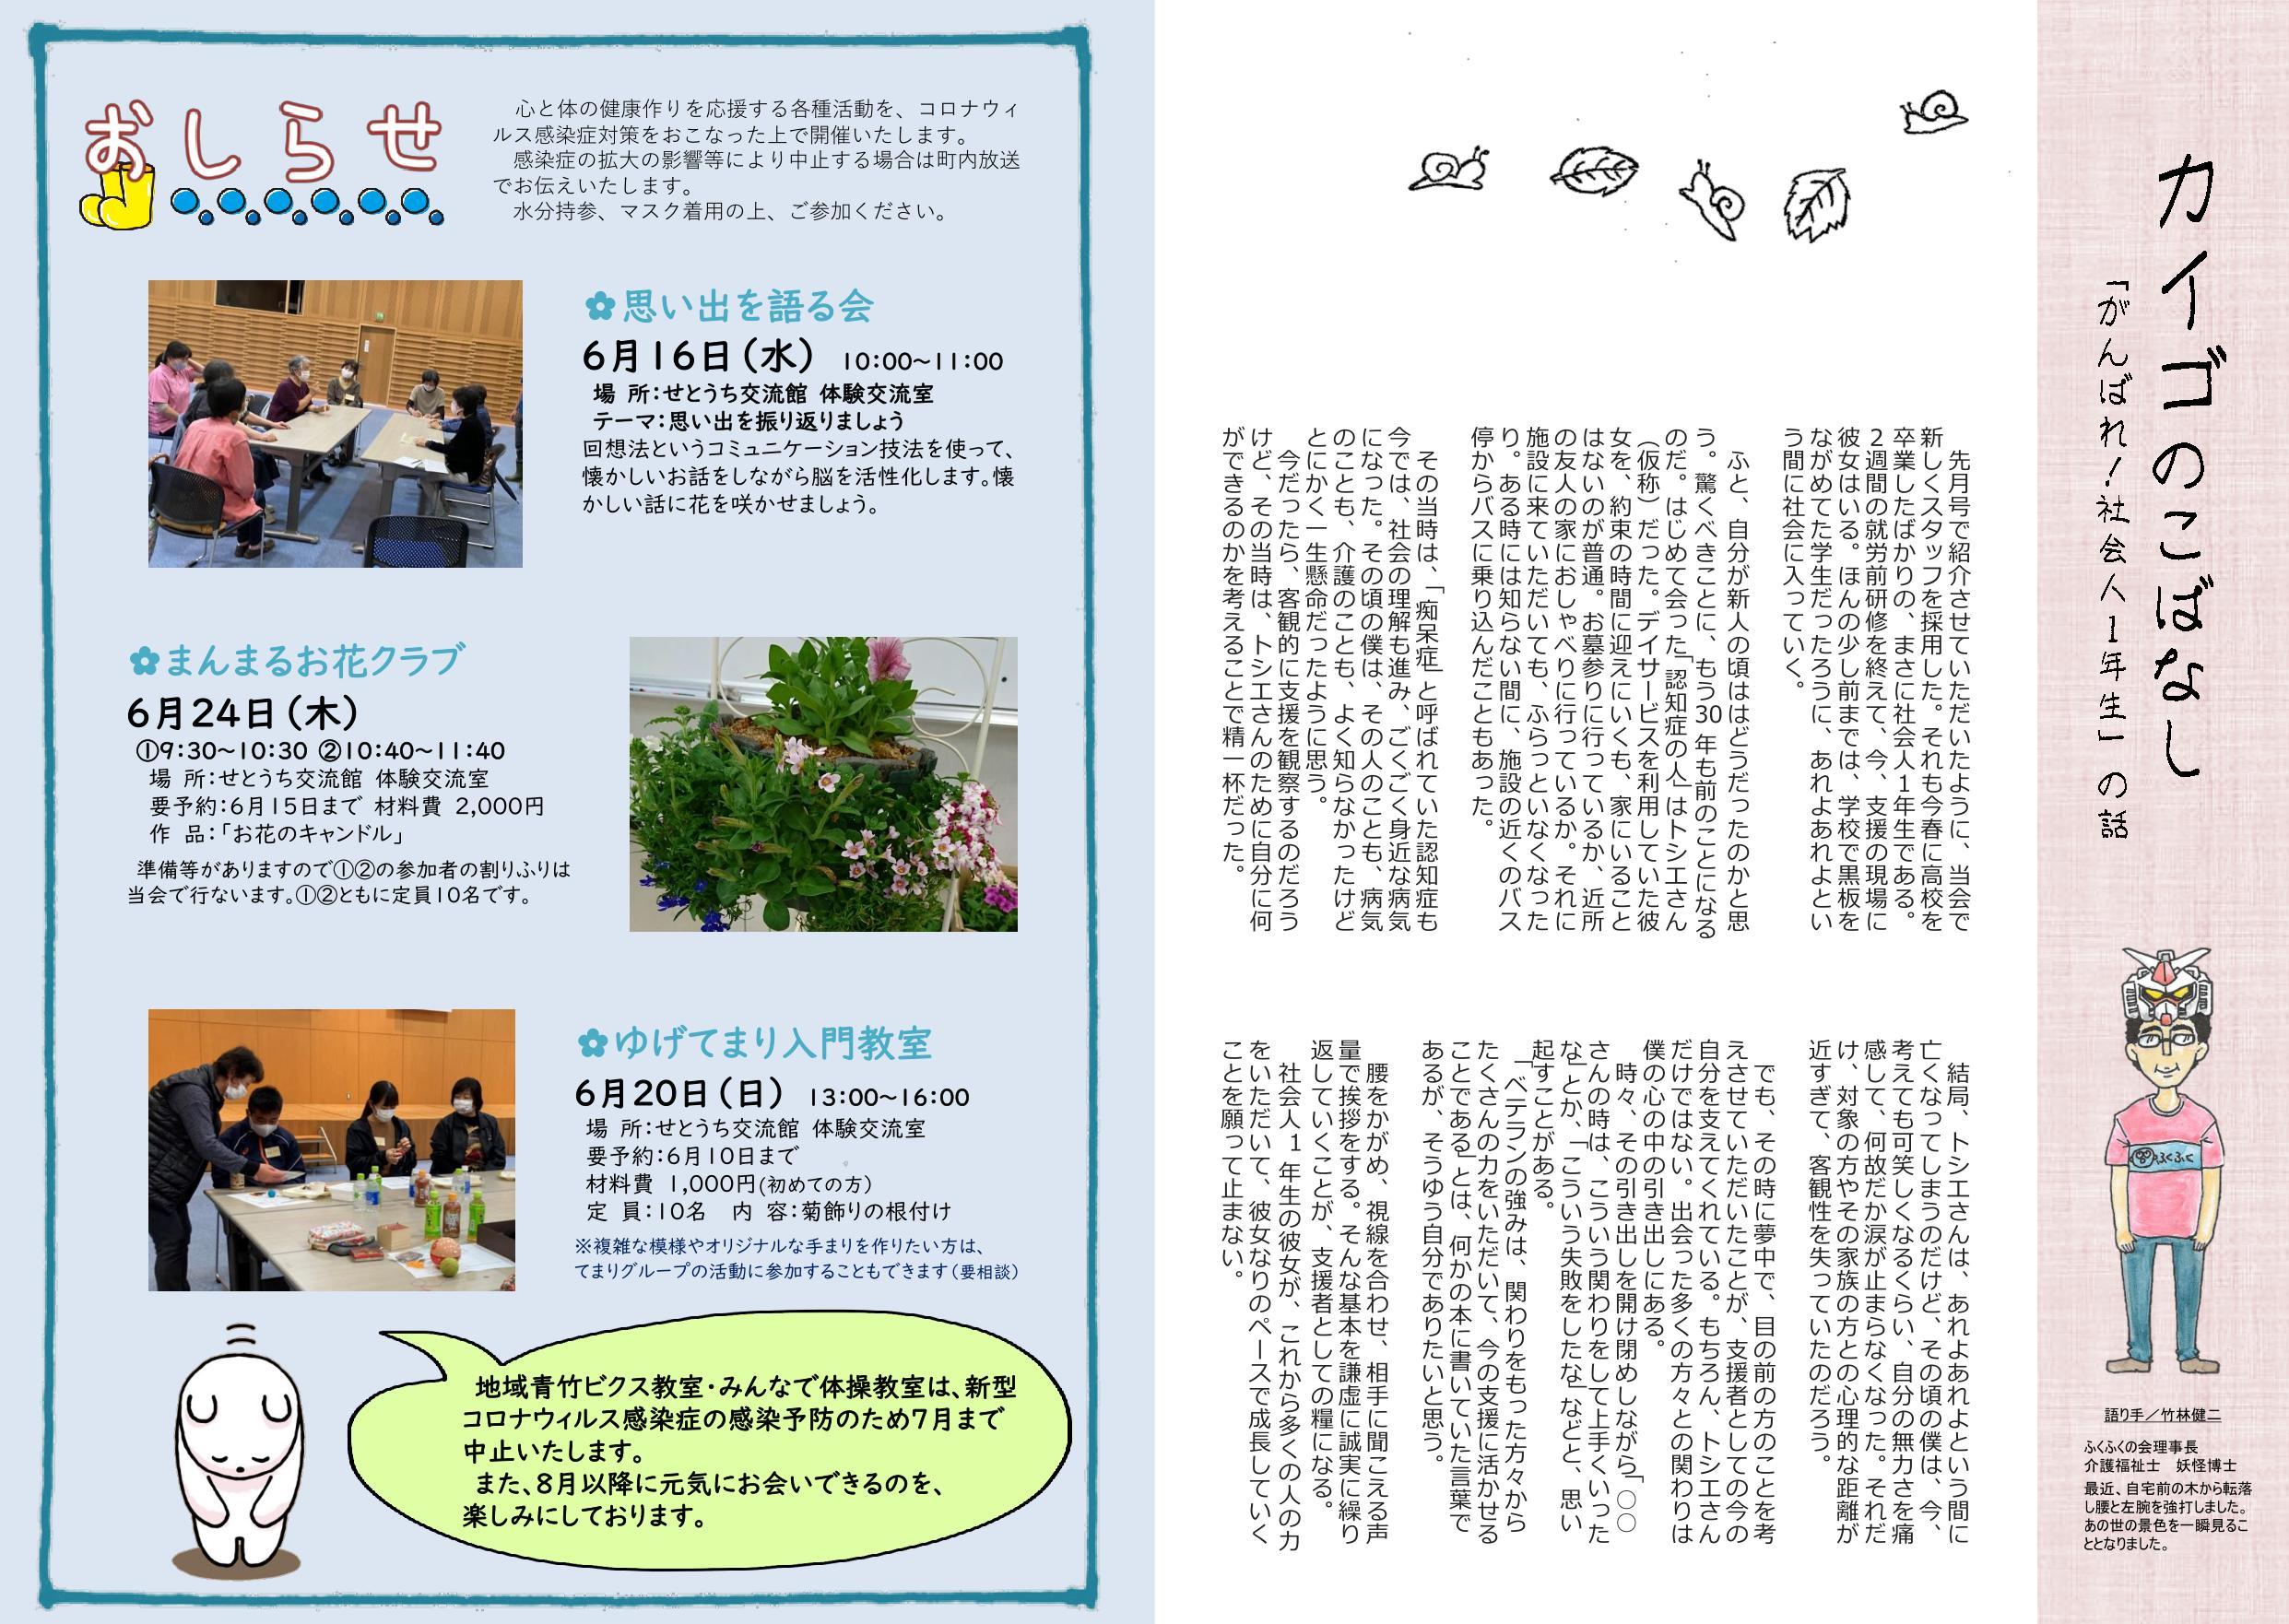 http://fukufukunokai.com/newsletter/images/5%E6%9C%88%E5%8F%B7_cropped_4.jpeg